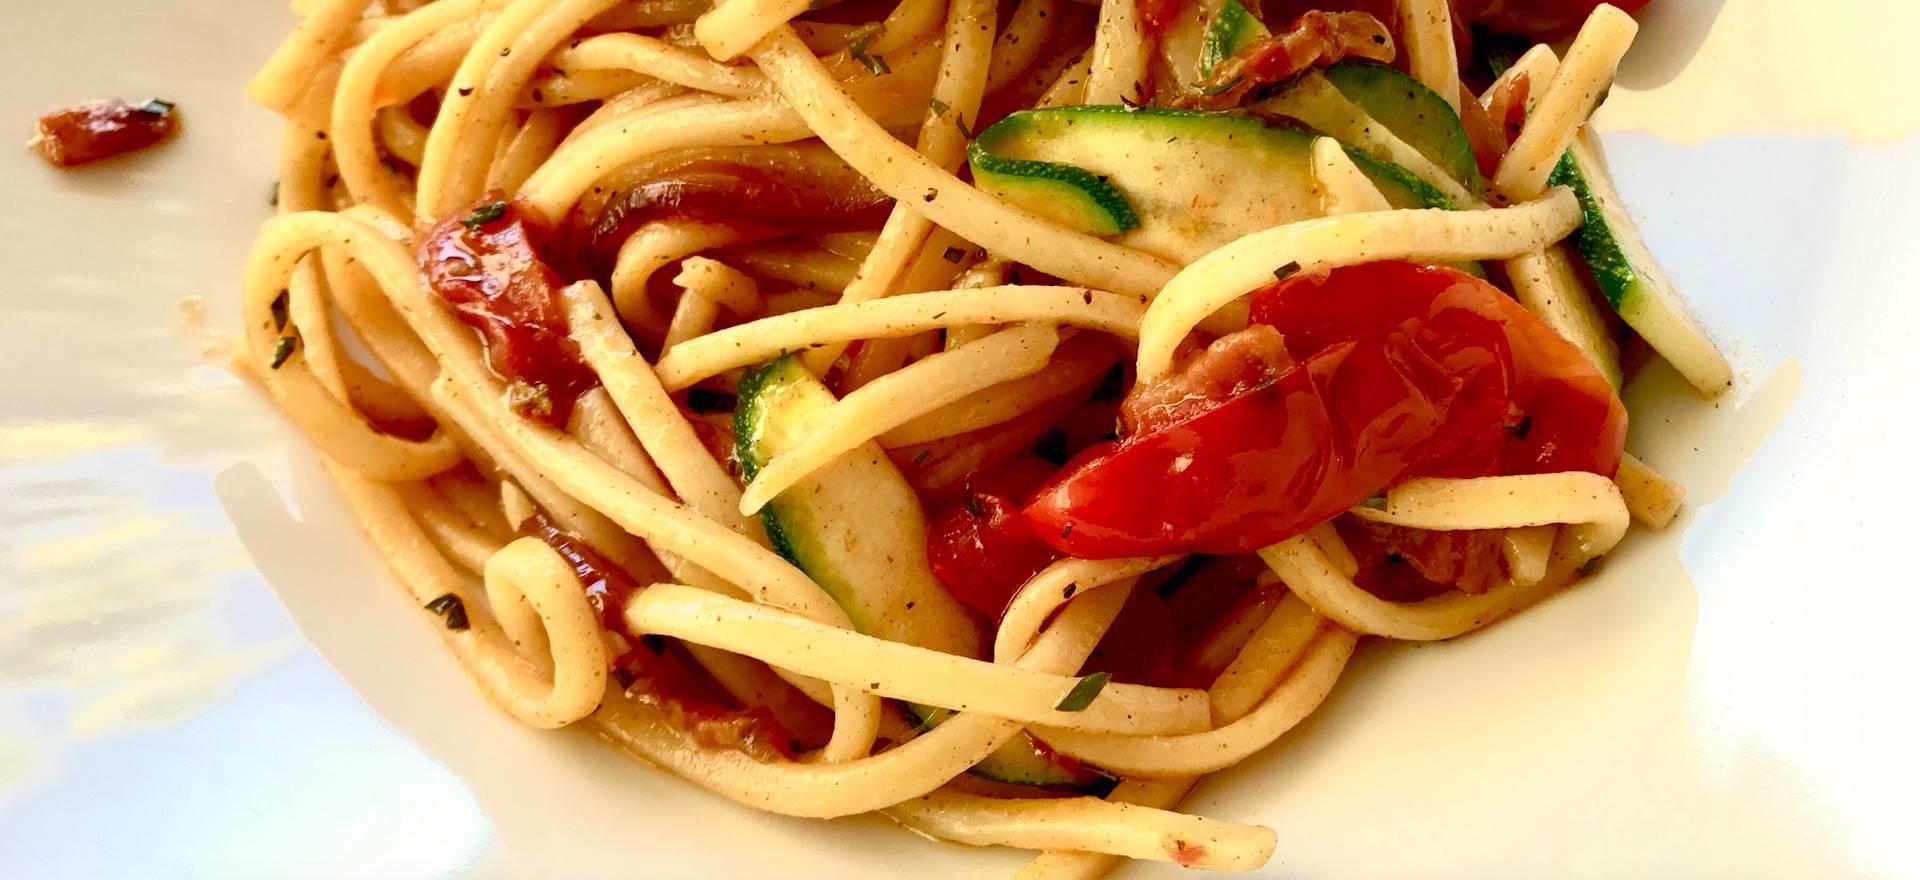 Agriturismo Lake Como and Lake Garda Child-friendly agriturismo Lake Garda with good restaurant